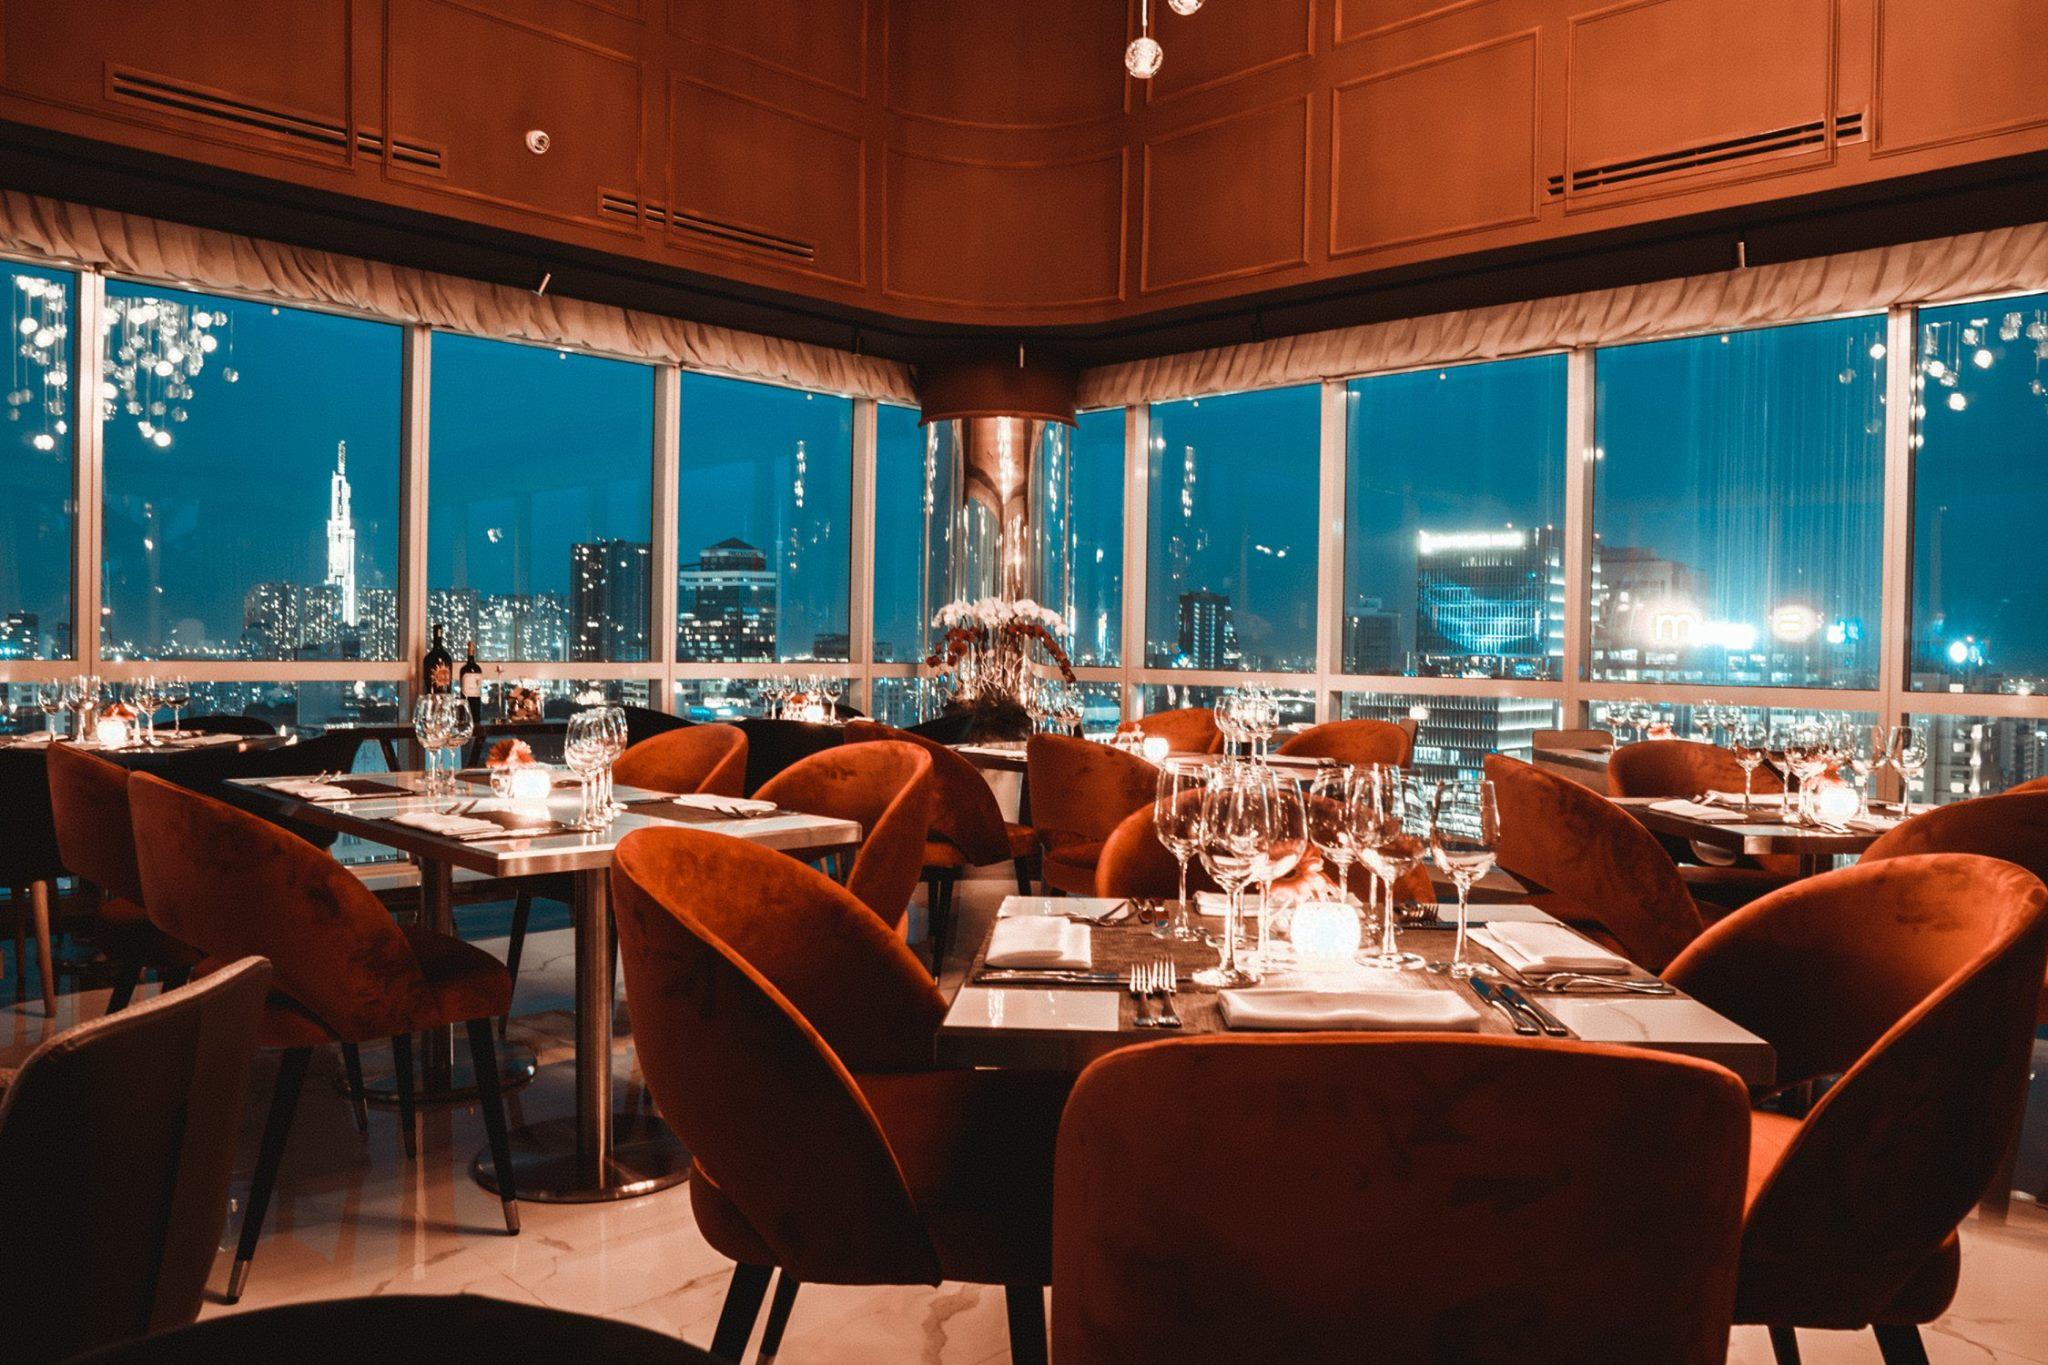 Thứ ba: Nơi có nhà hàng tuyệt vời nhất thế giới